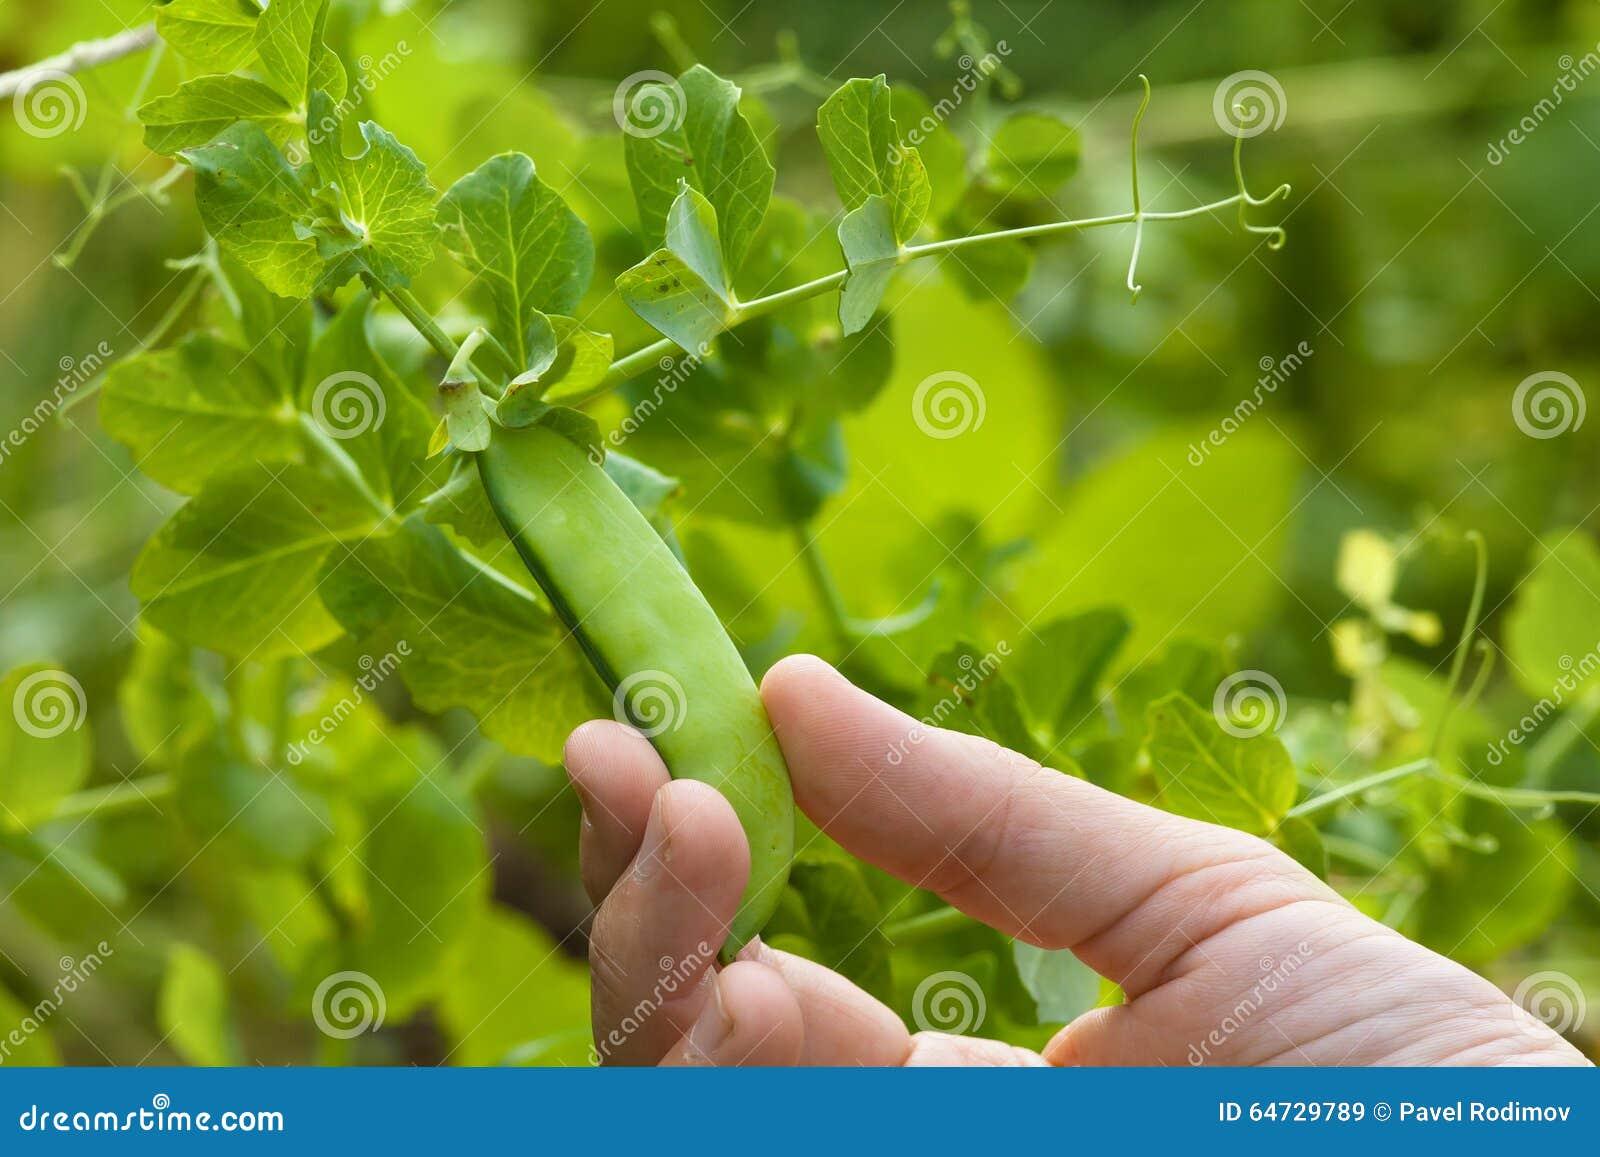 Passi il baccello di raccolto dei piselli nel giardino